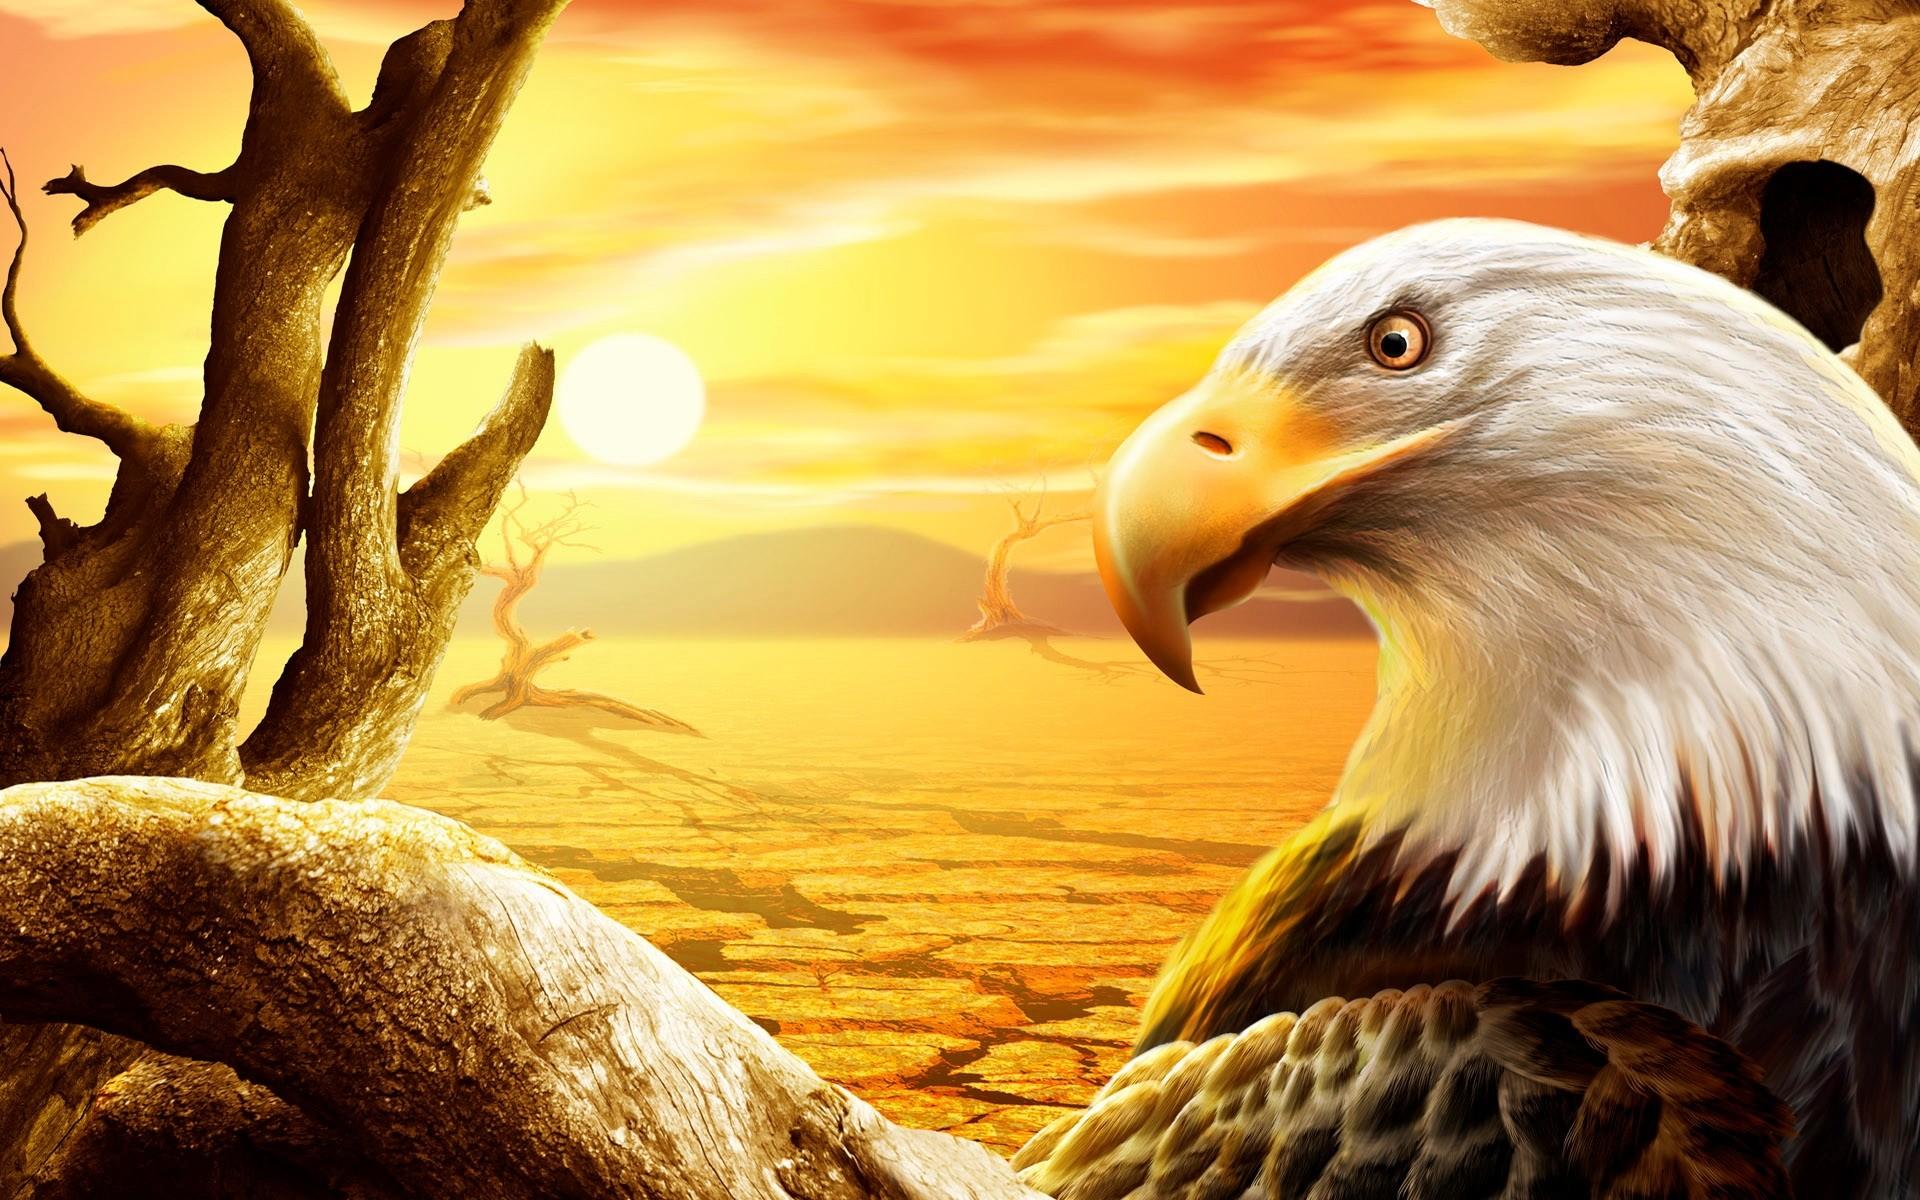 Eagle Wallpaper Images PC Laptop Eagle Photos in FHDKKC